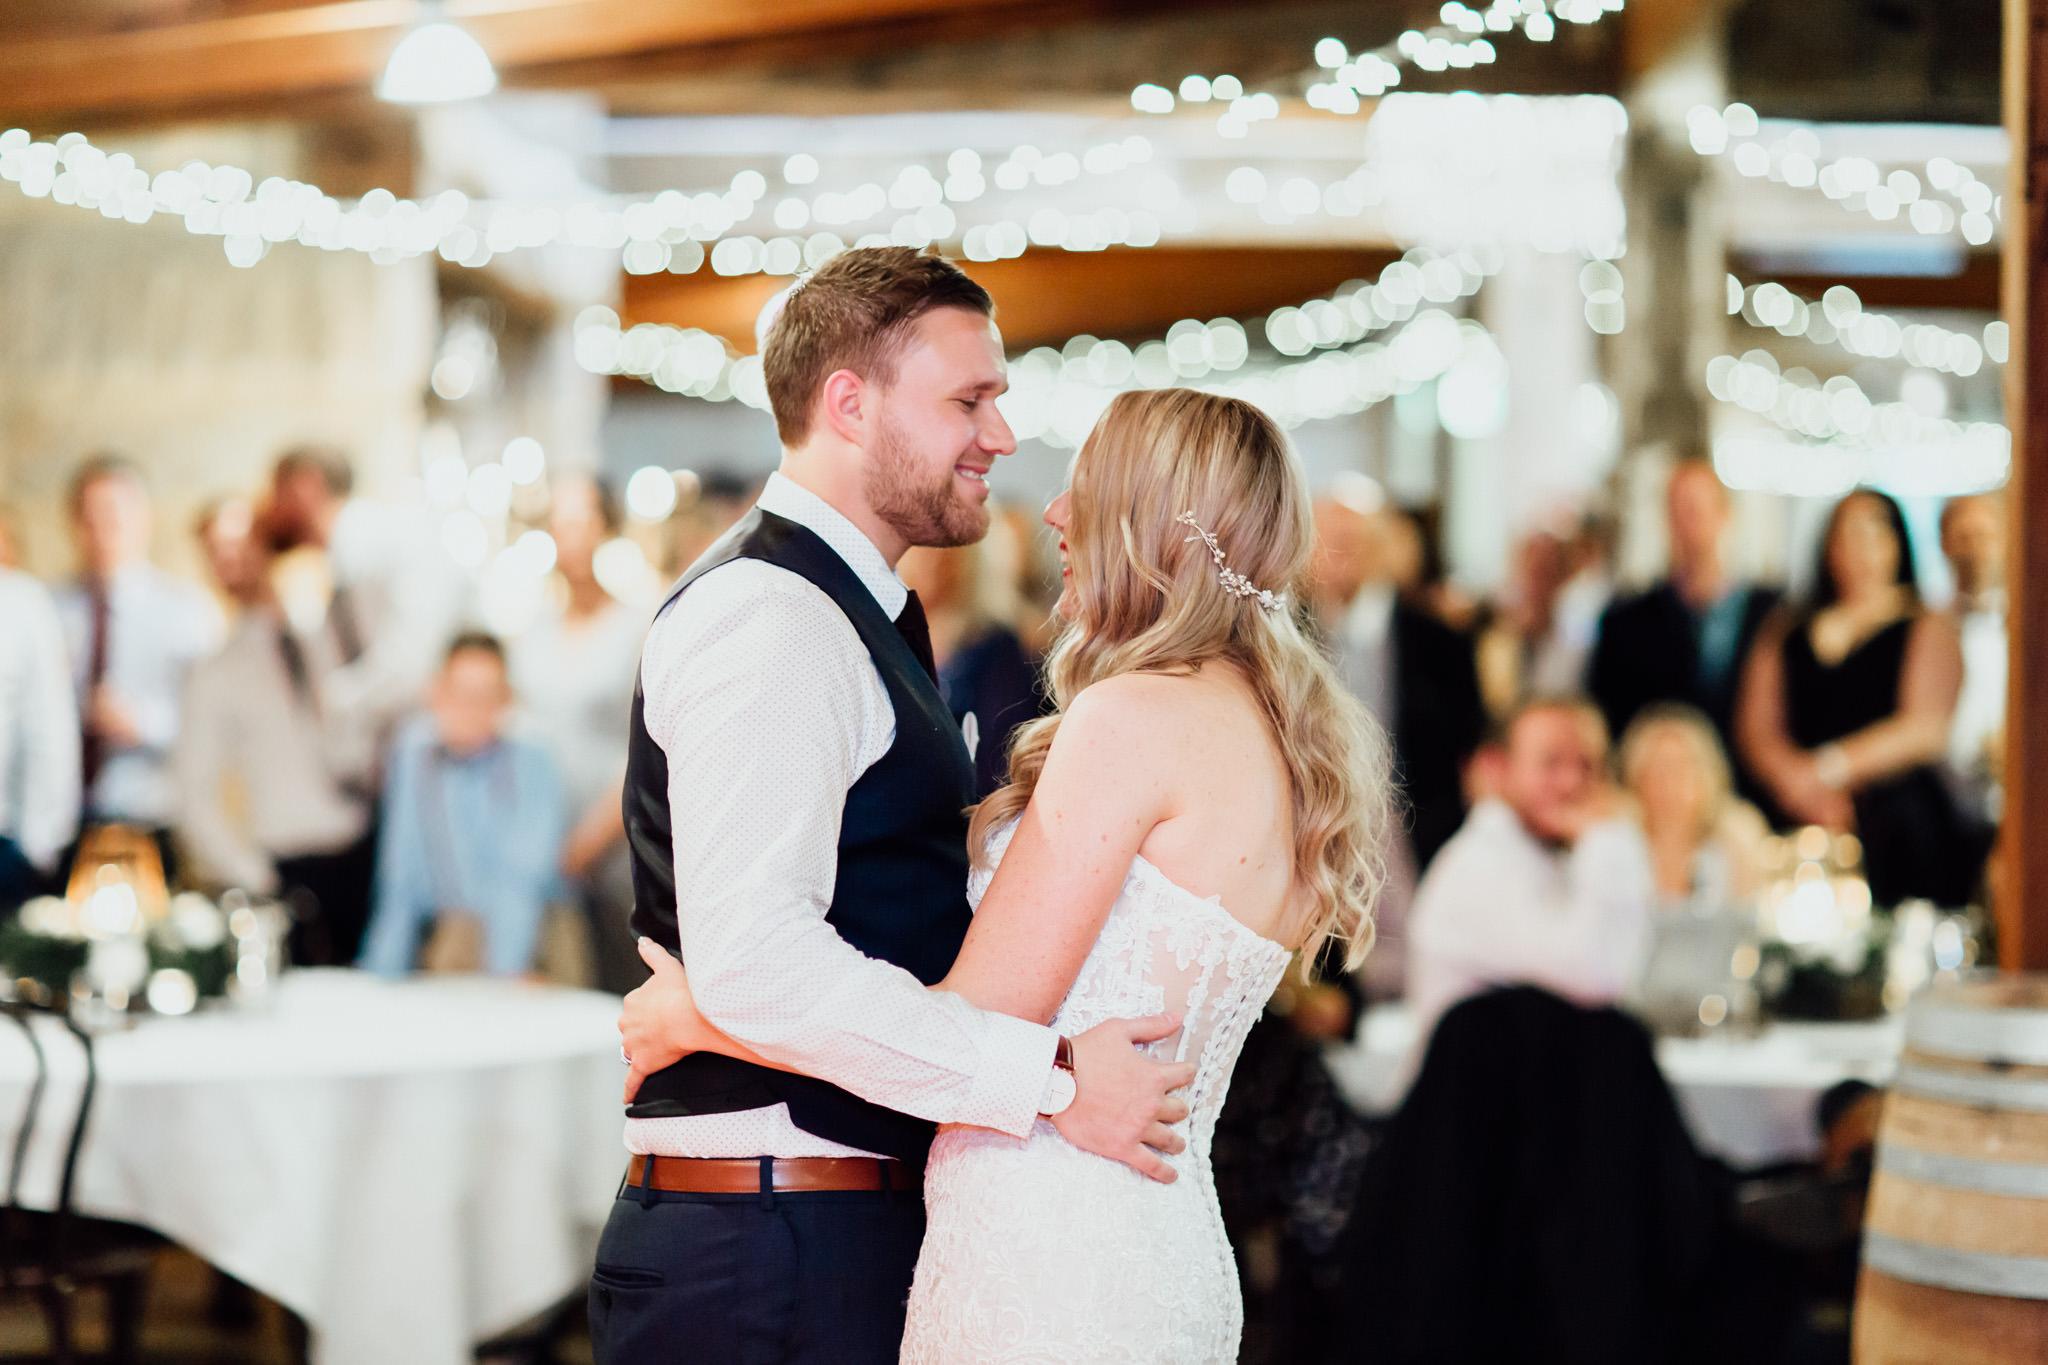 WeddingPhotos_Facebook_2048pixels-1154.jpg